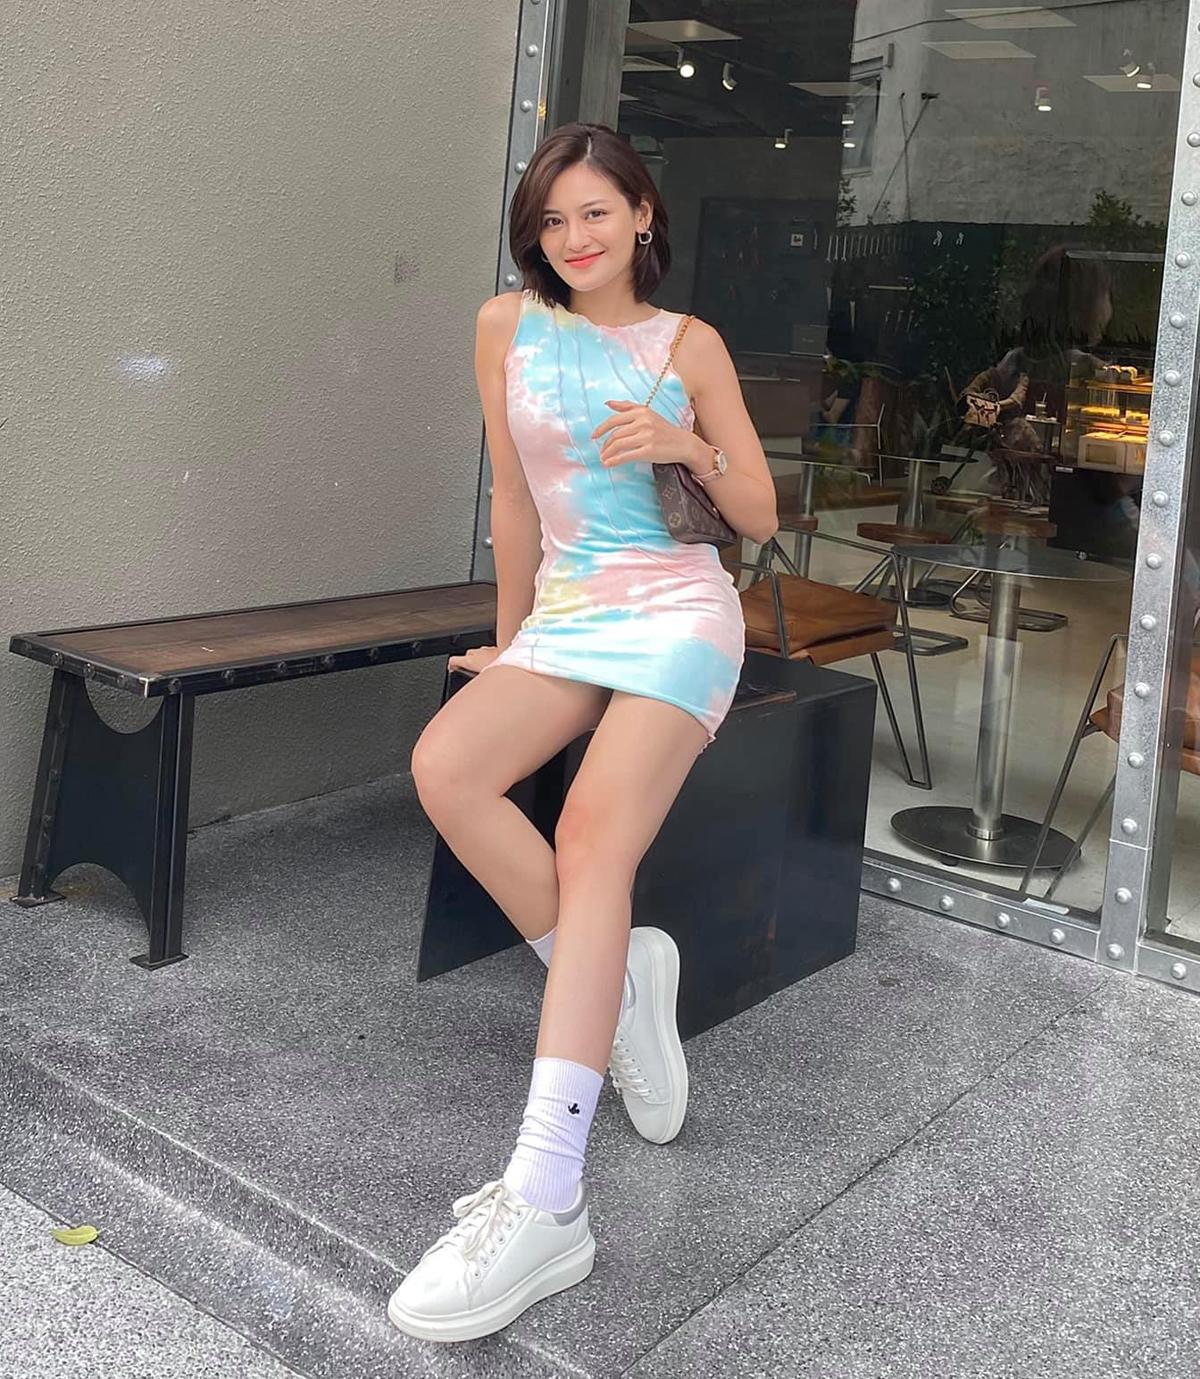 Thùy Anh diện đầm loang pastel tôn lên vẻ đẹp ngọt ngào, tươi trẻ.